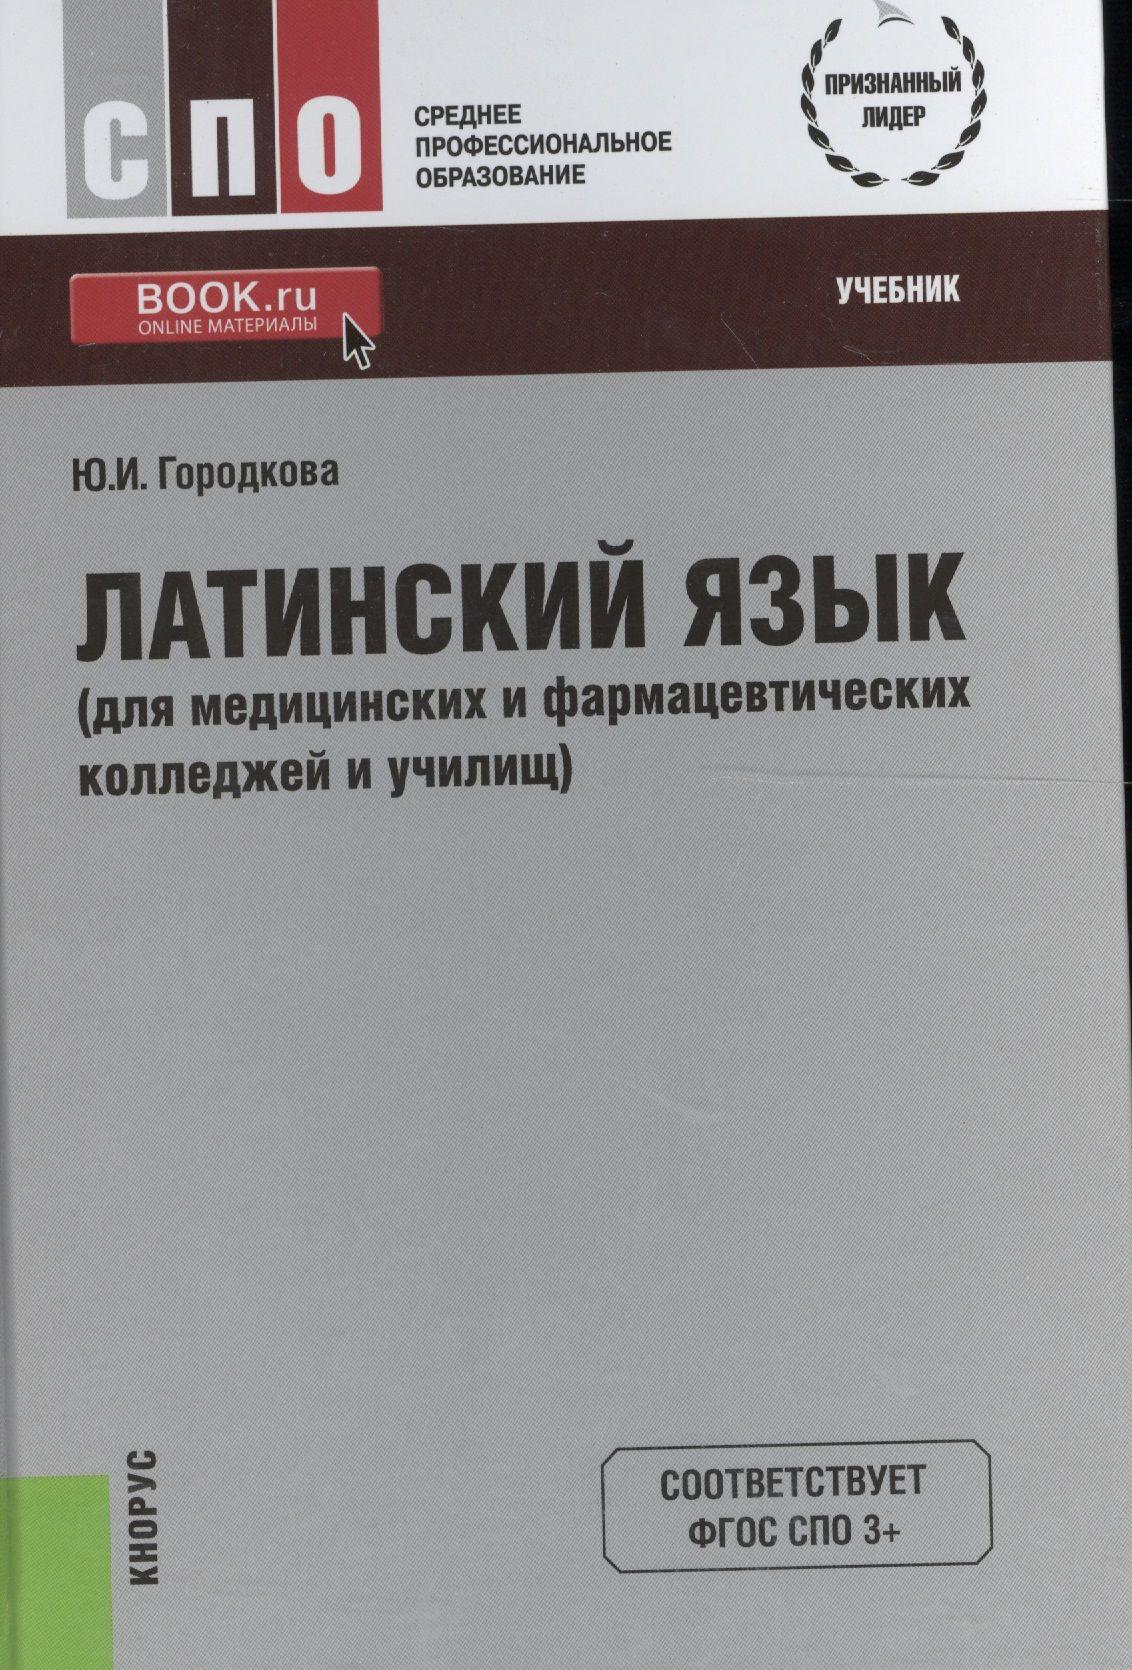 Ю.и.городкова учебник онлайн 4 издание